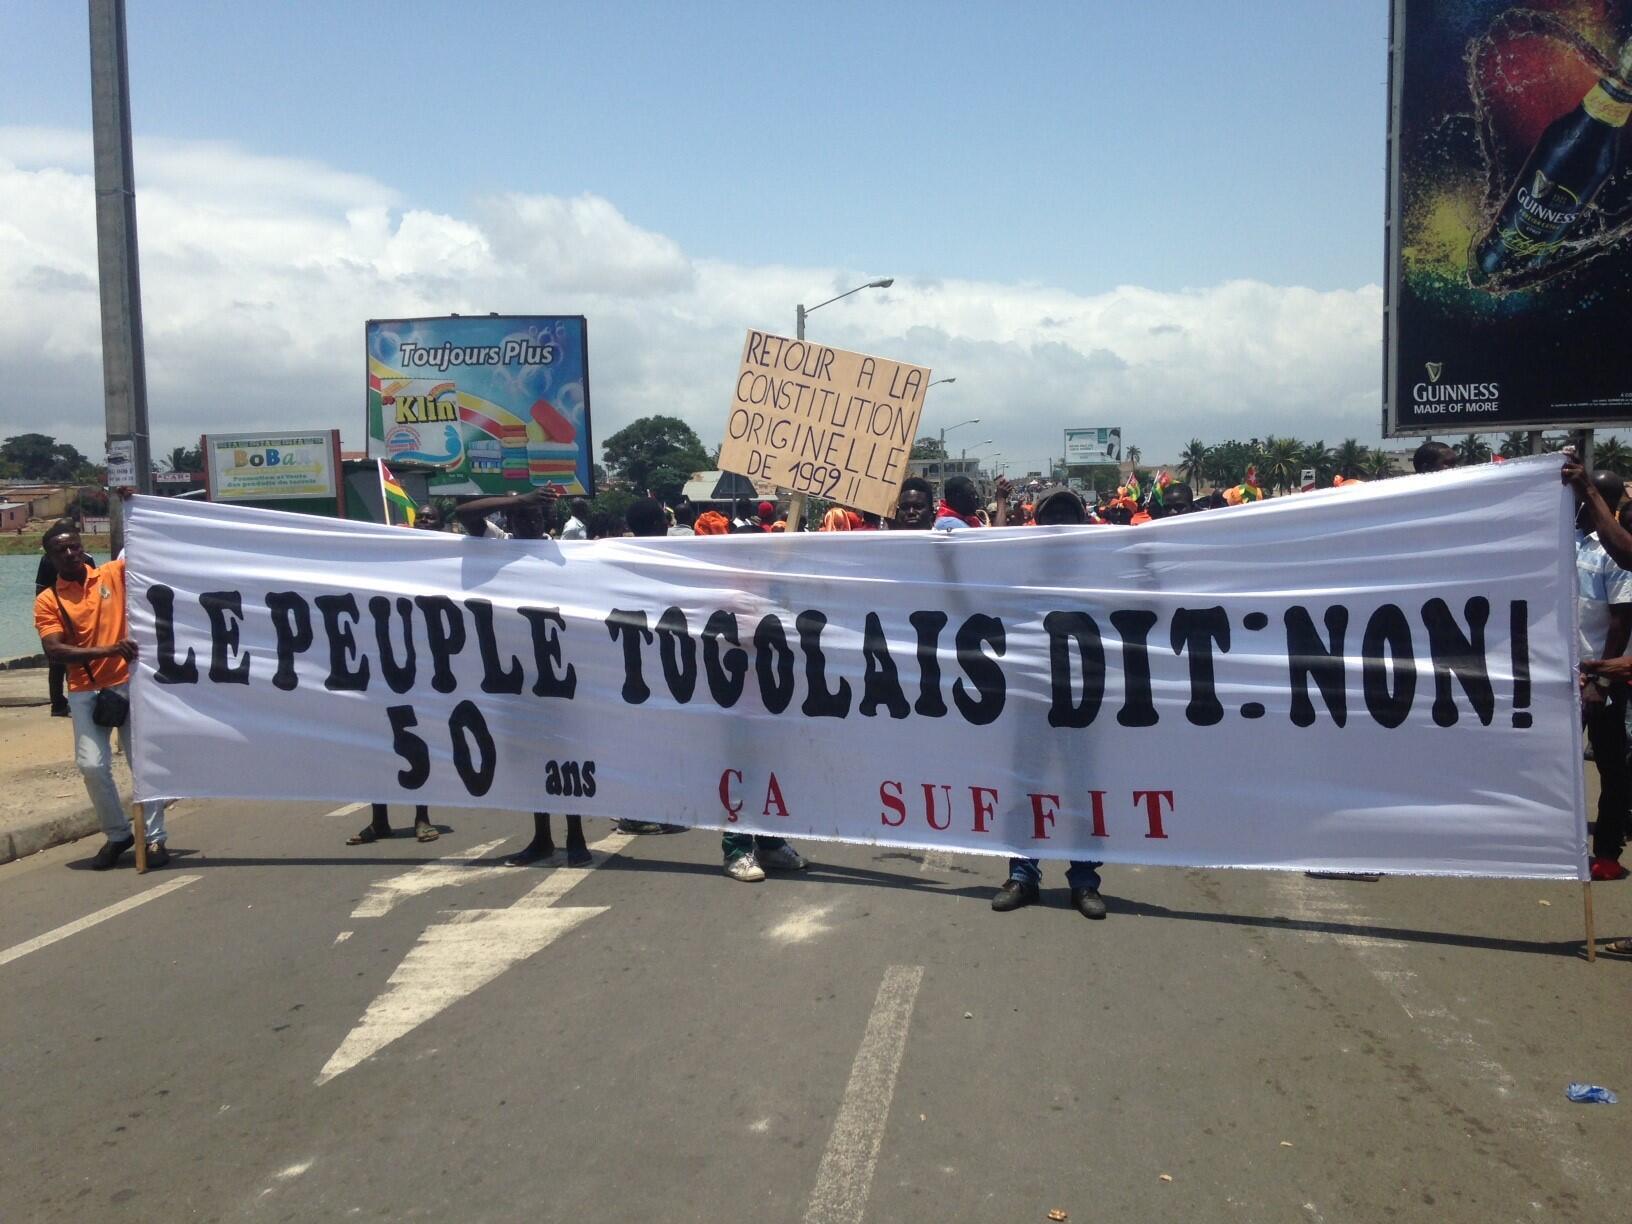 Des manifestants à Lomé, au Togo, lors de la mobilisation contre la réforme de la Constitution, le 20 septembre 2017.